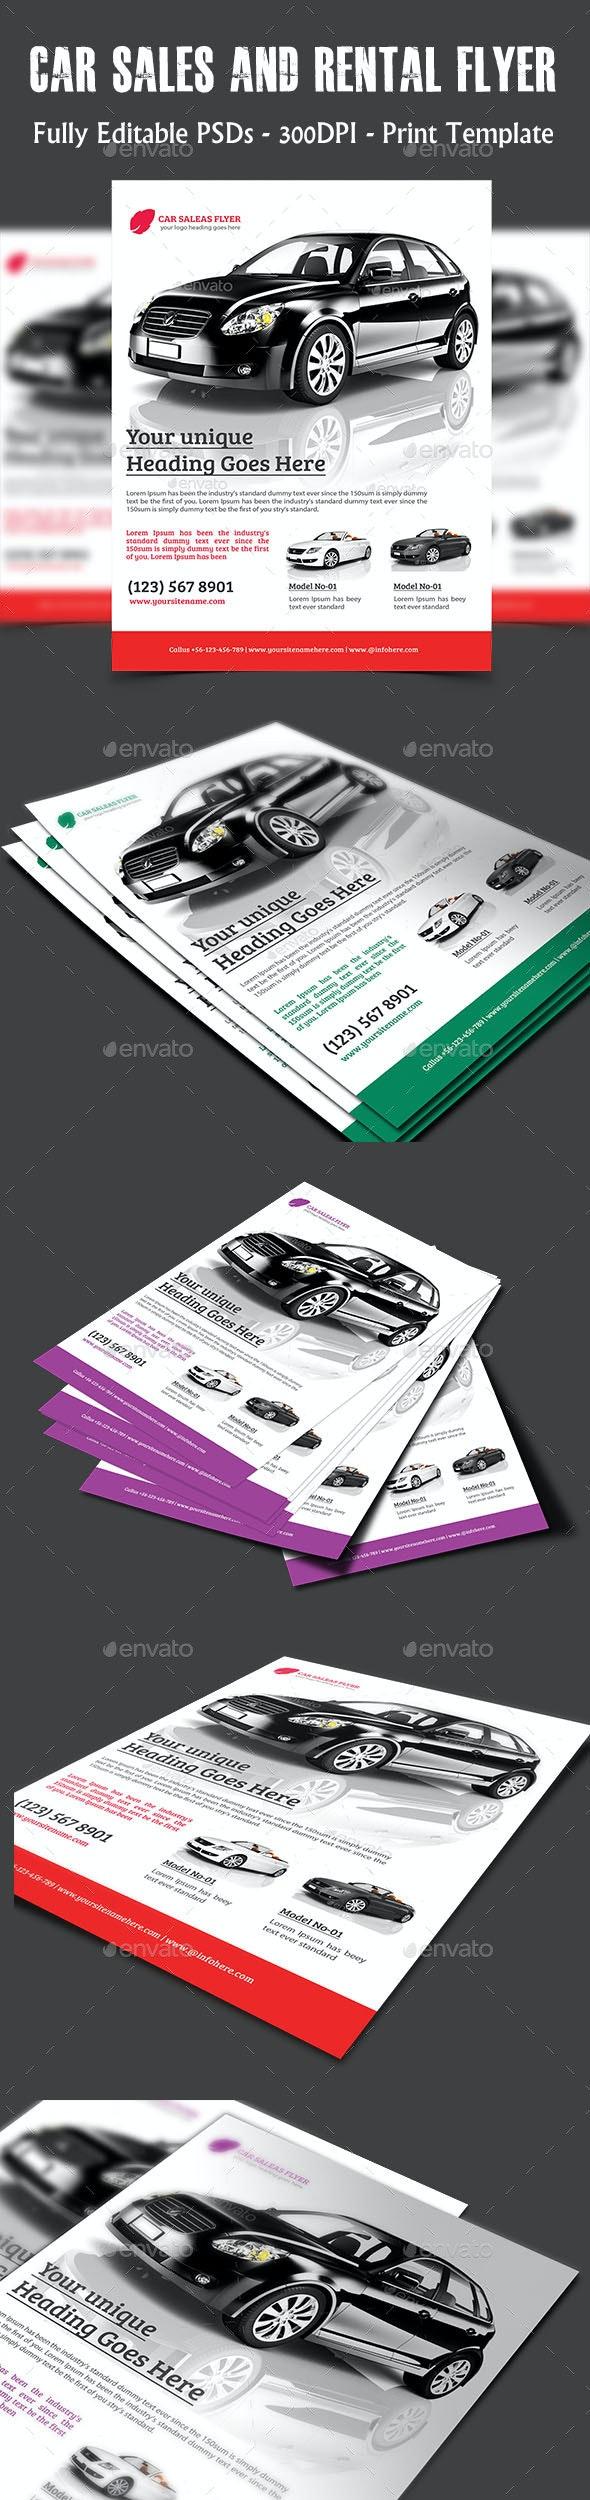 Car Sales & Rental Flyer - Flyers Print Templates